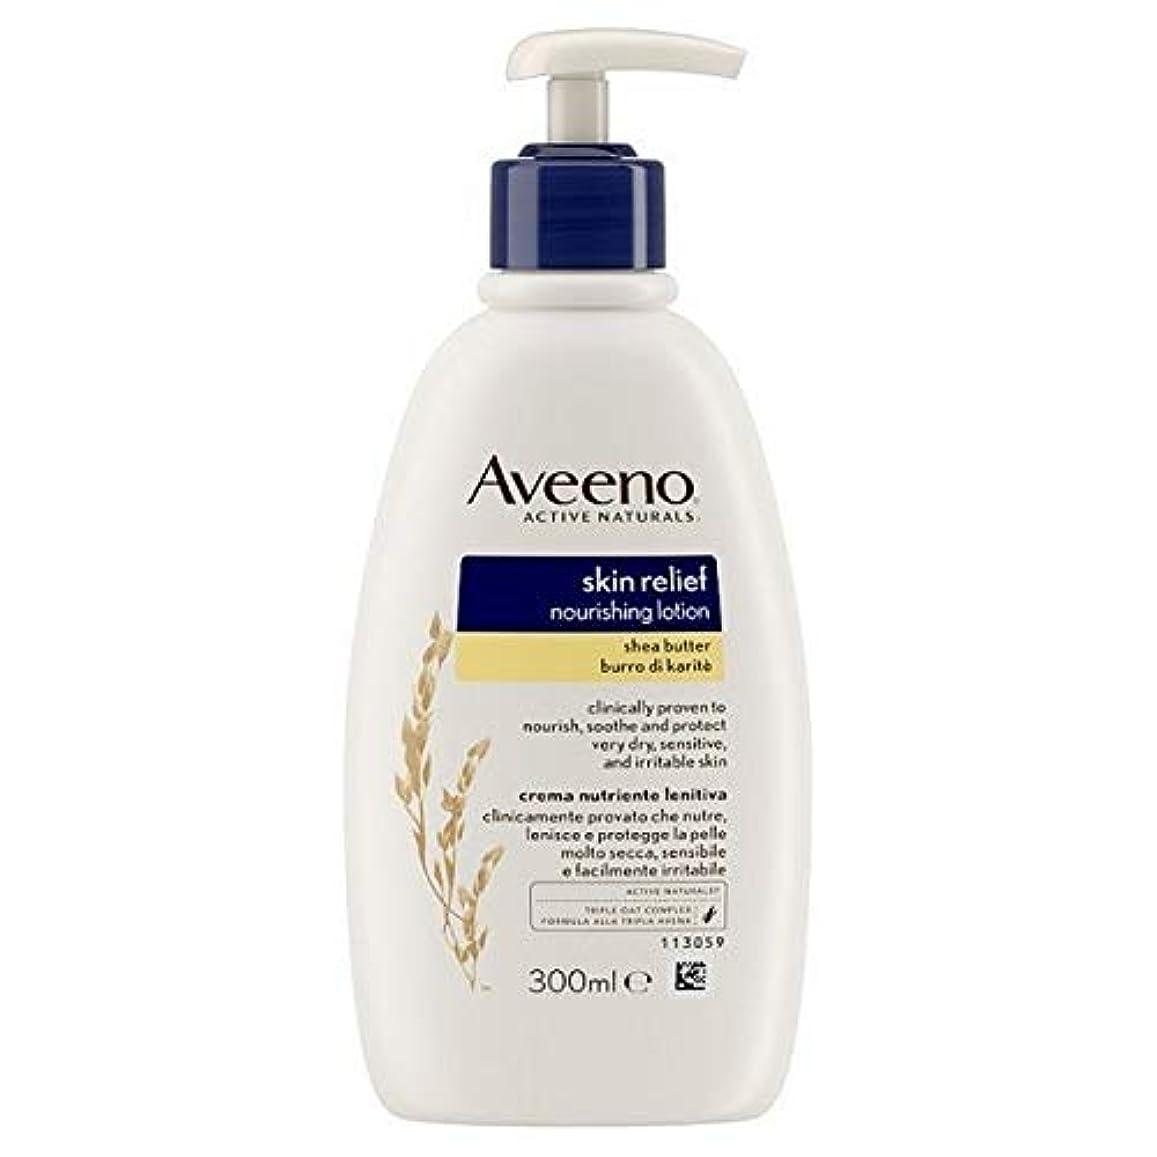 リスト権利を与える敵[Aveeno] Aveenoスキンリリーフローション300ミリリットル - Aveeno Skin Relief Lotion 300ml [並行輸入品]